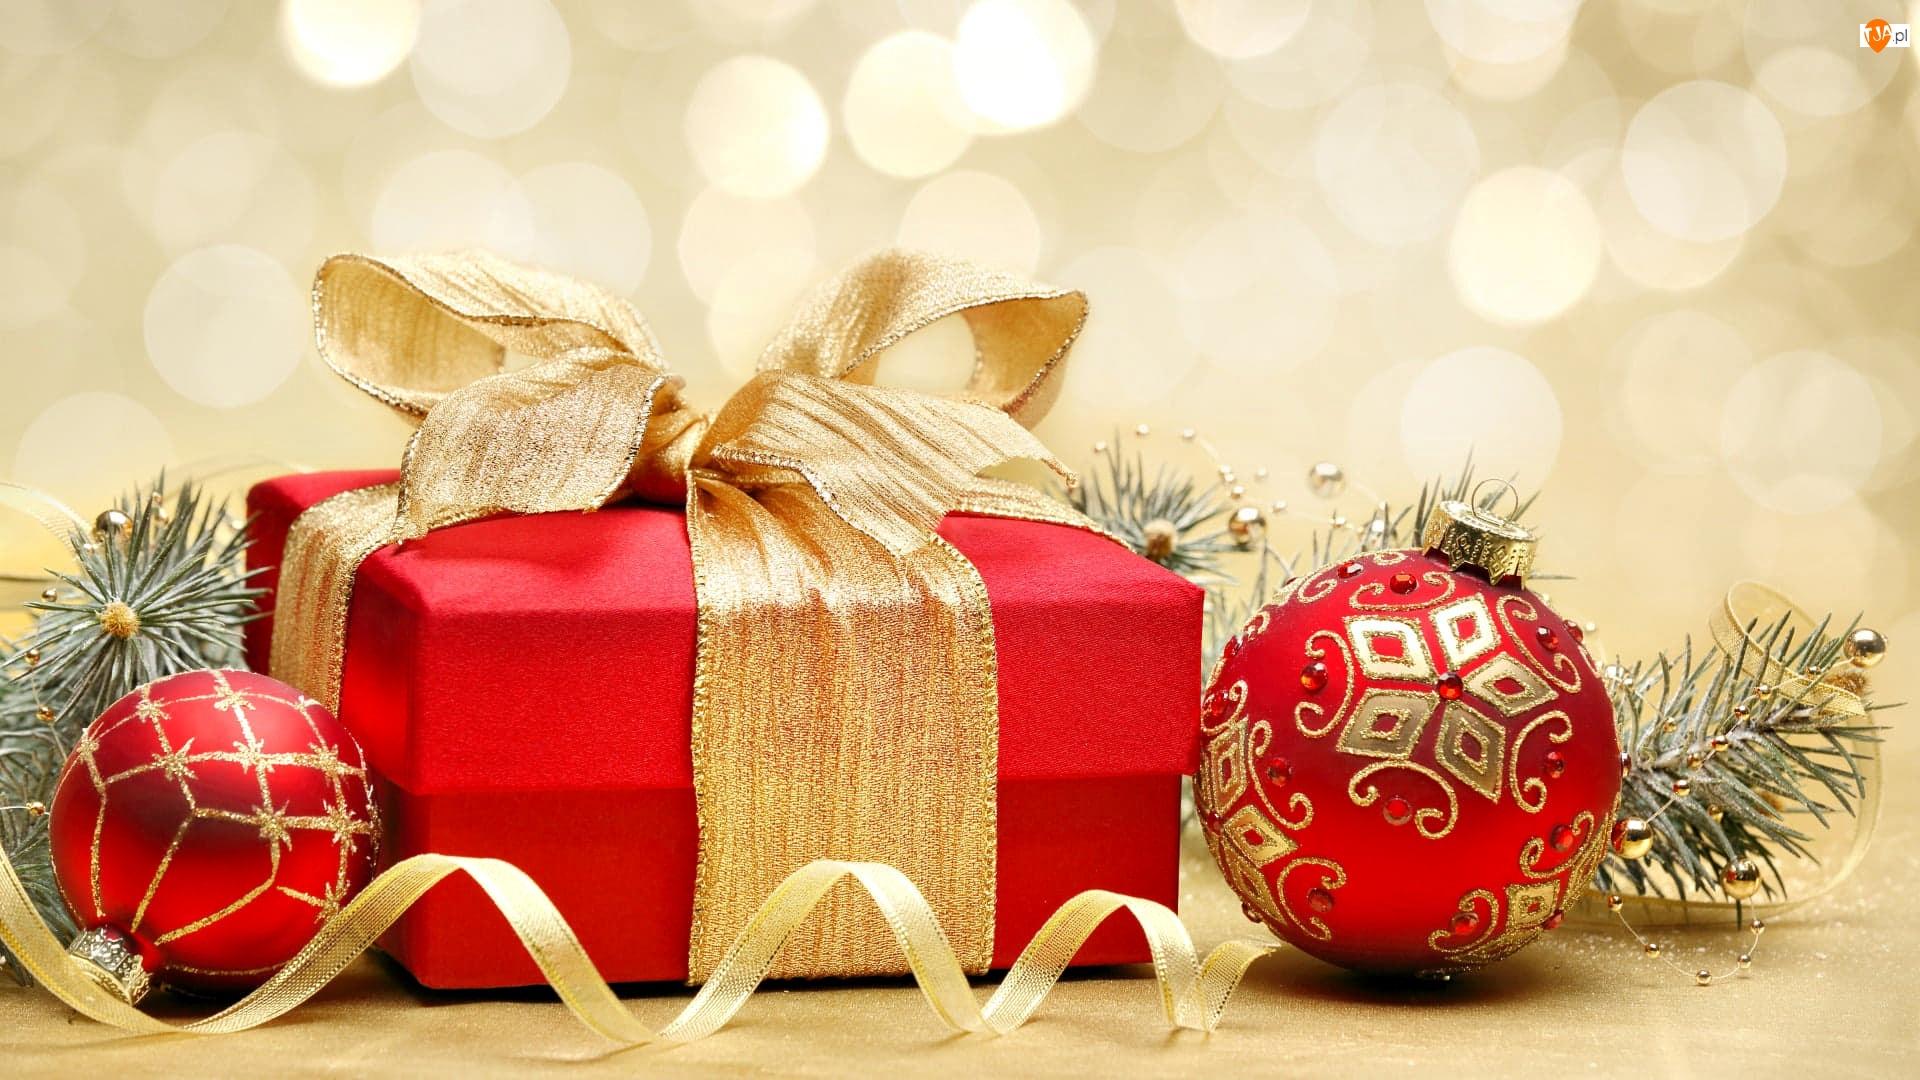 Prezent, Boże Narodzenie, Bombki, Gałązki, Czerwone, Wstążka